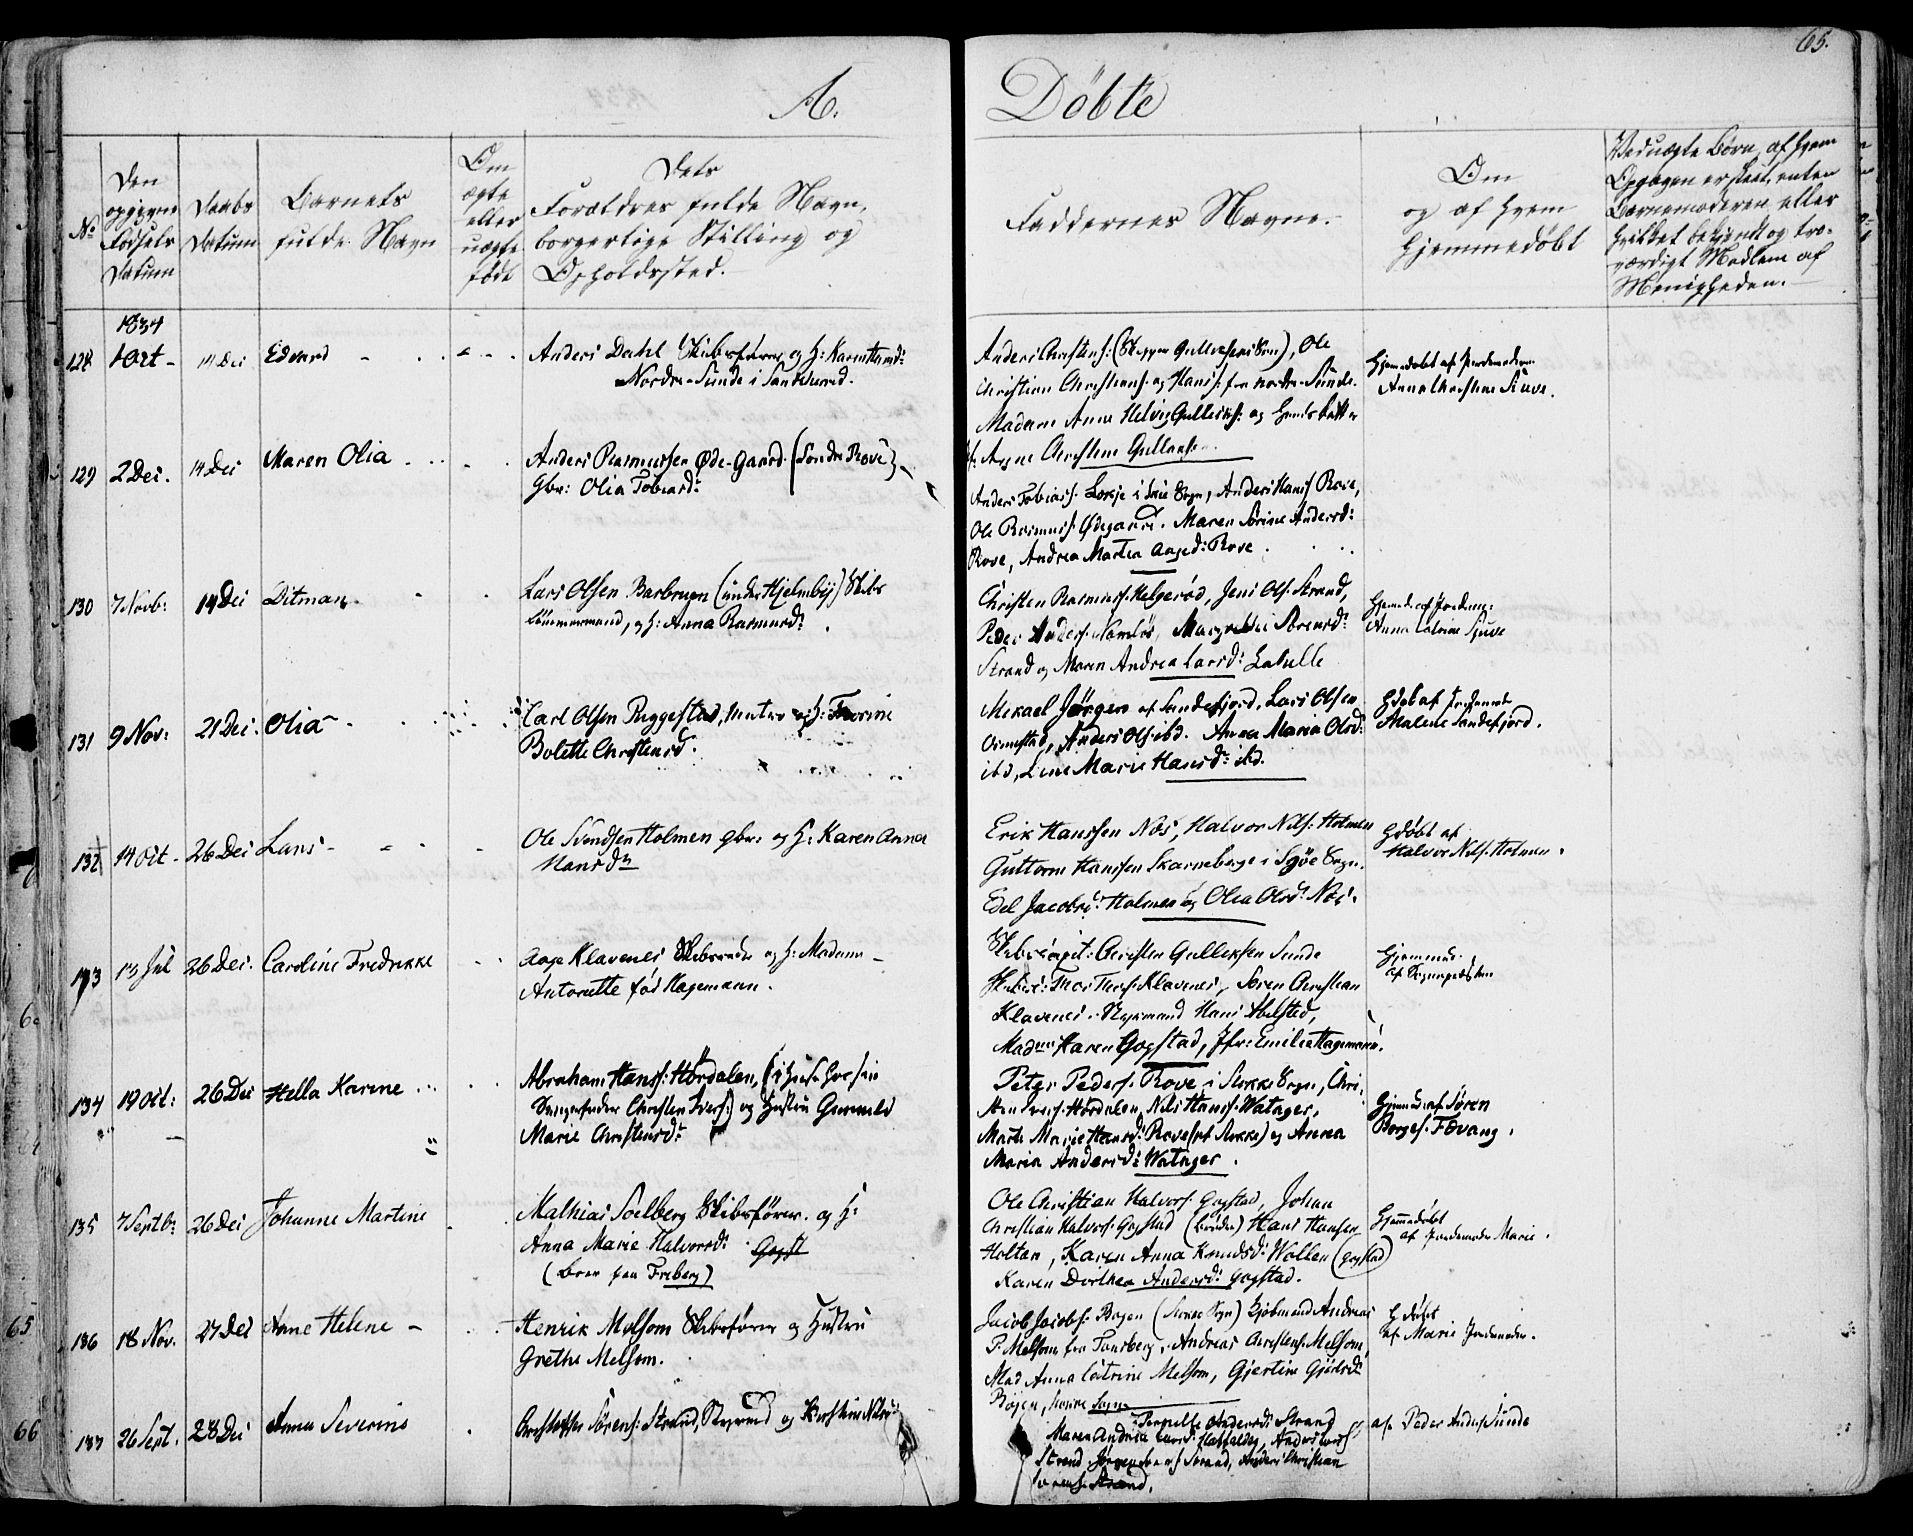 SAKO, Sandar kirkebøker, F/Fa/L0005: Ministerialbok nr. 5, 1832-1847, s. 64-65